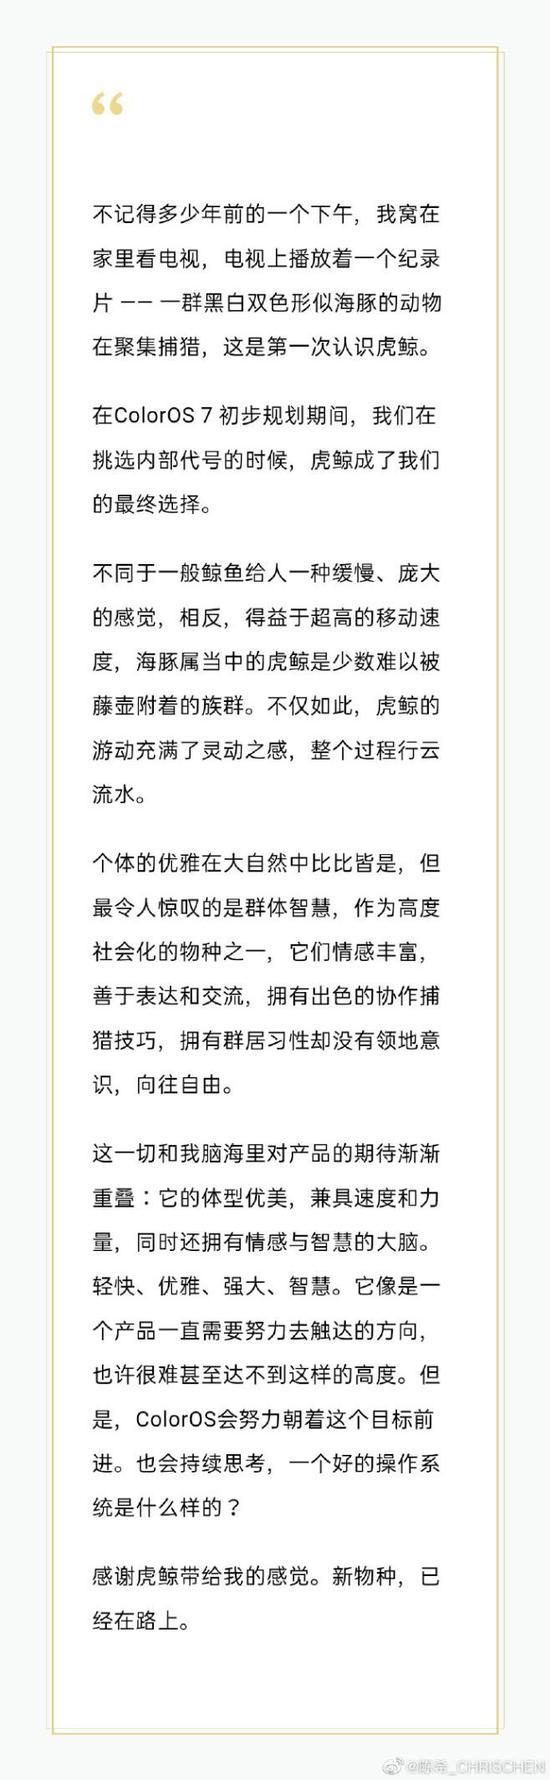 「存款一元送彩金赌场」上市险企上半年保费:平安增速居首 国华人寿减少15%